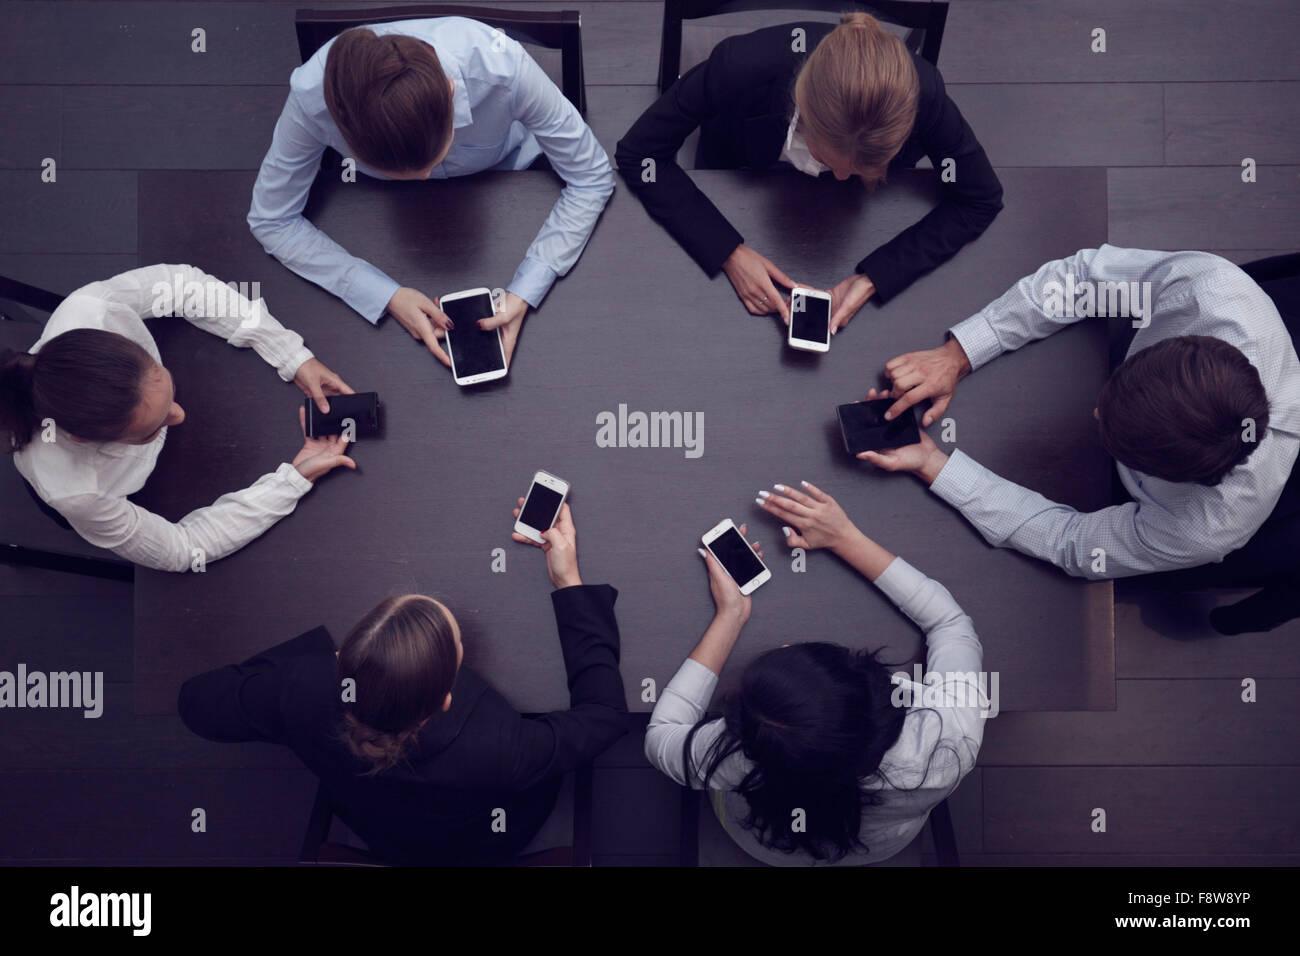 Les gens d'affaires avec les smartphones assis autour de la table, vue du dessus Photo Stock